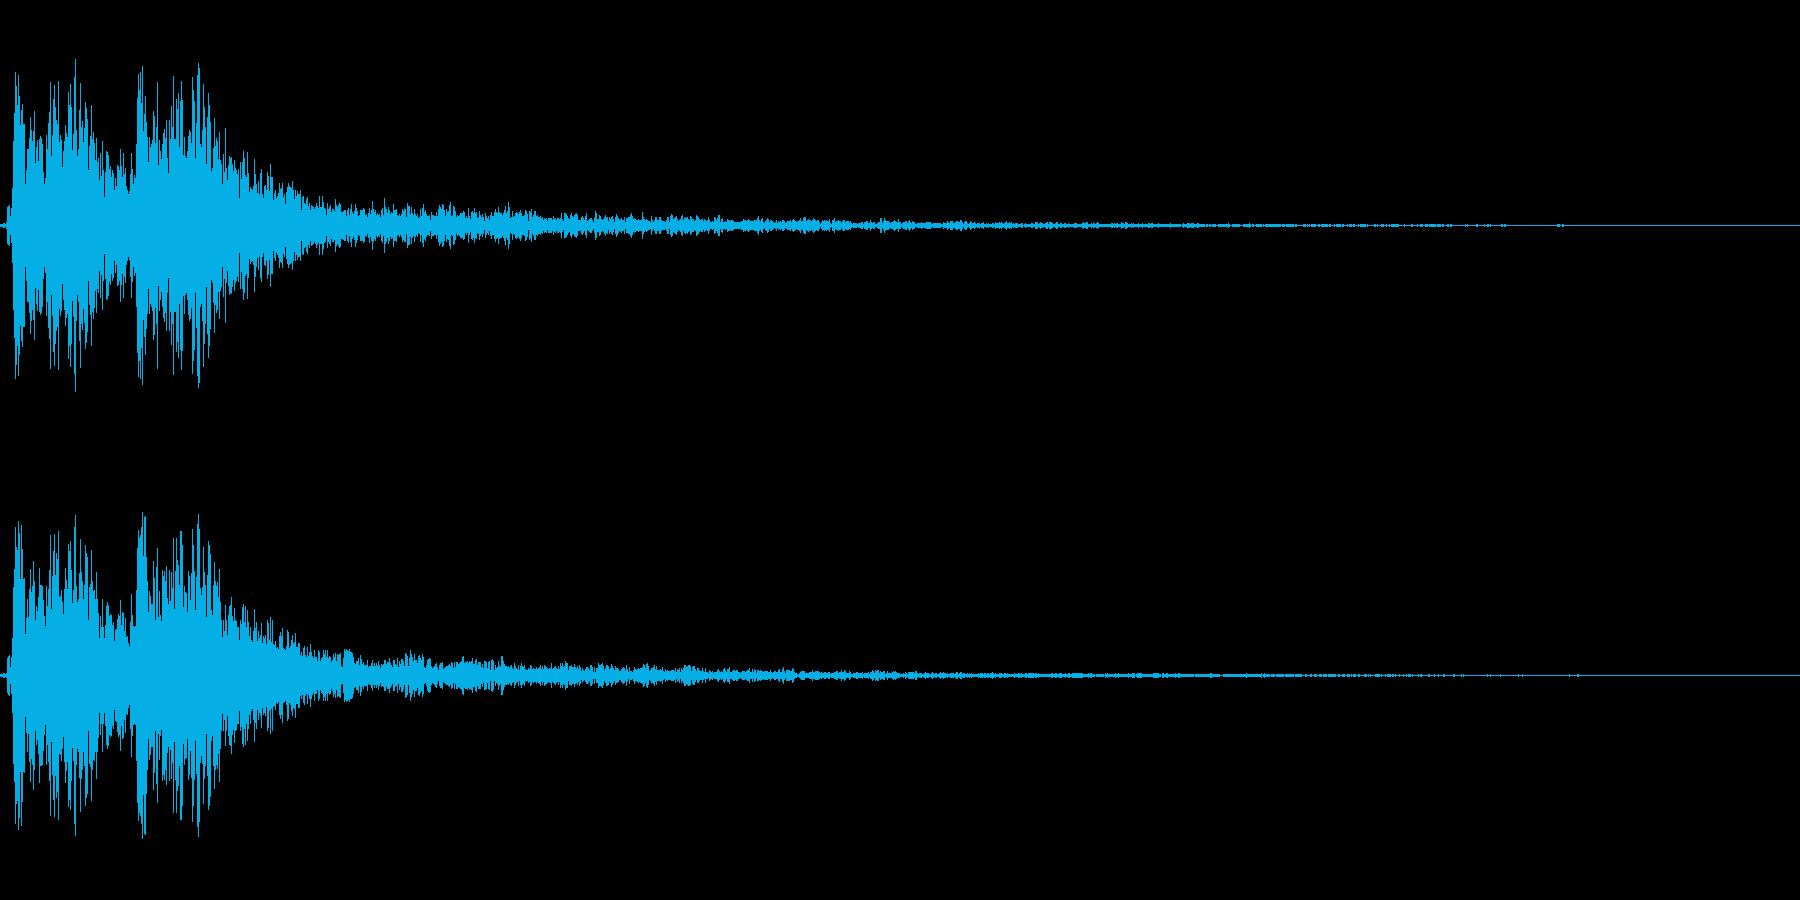 【打撃05-5】の再生済みの波形